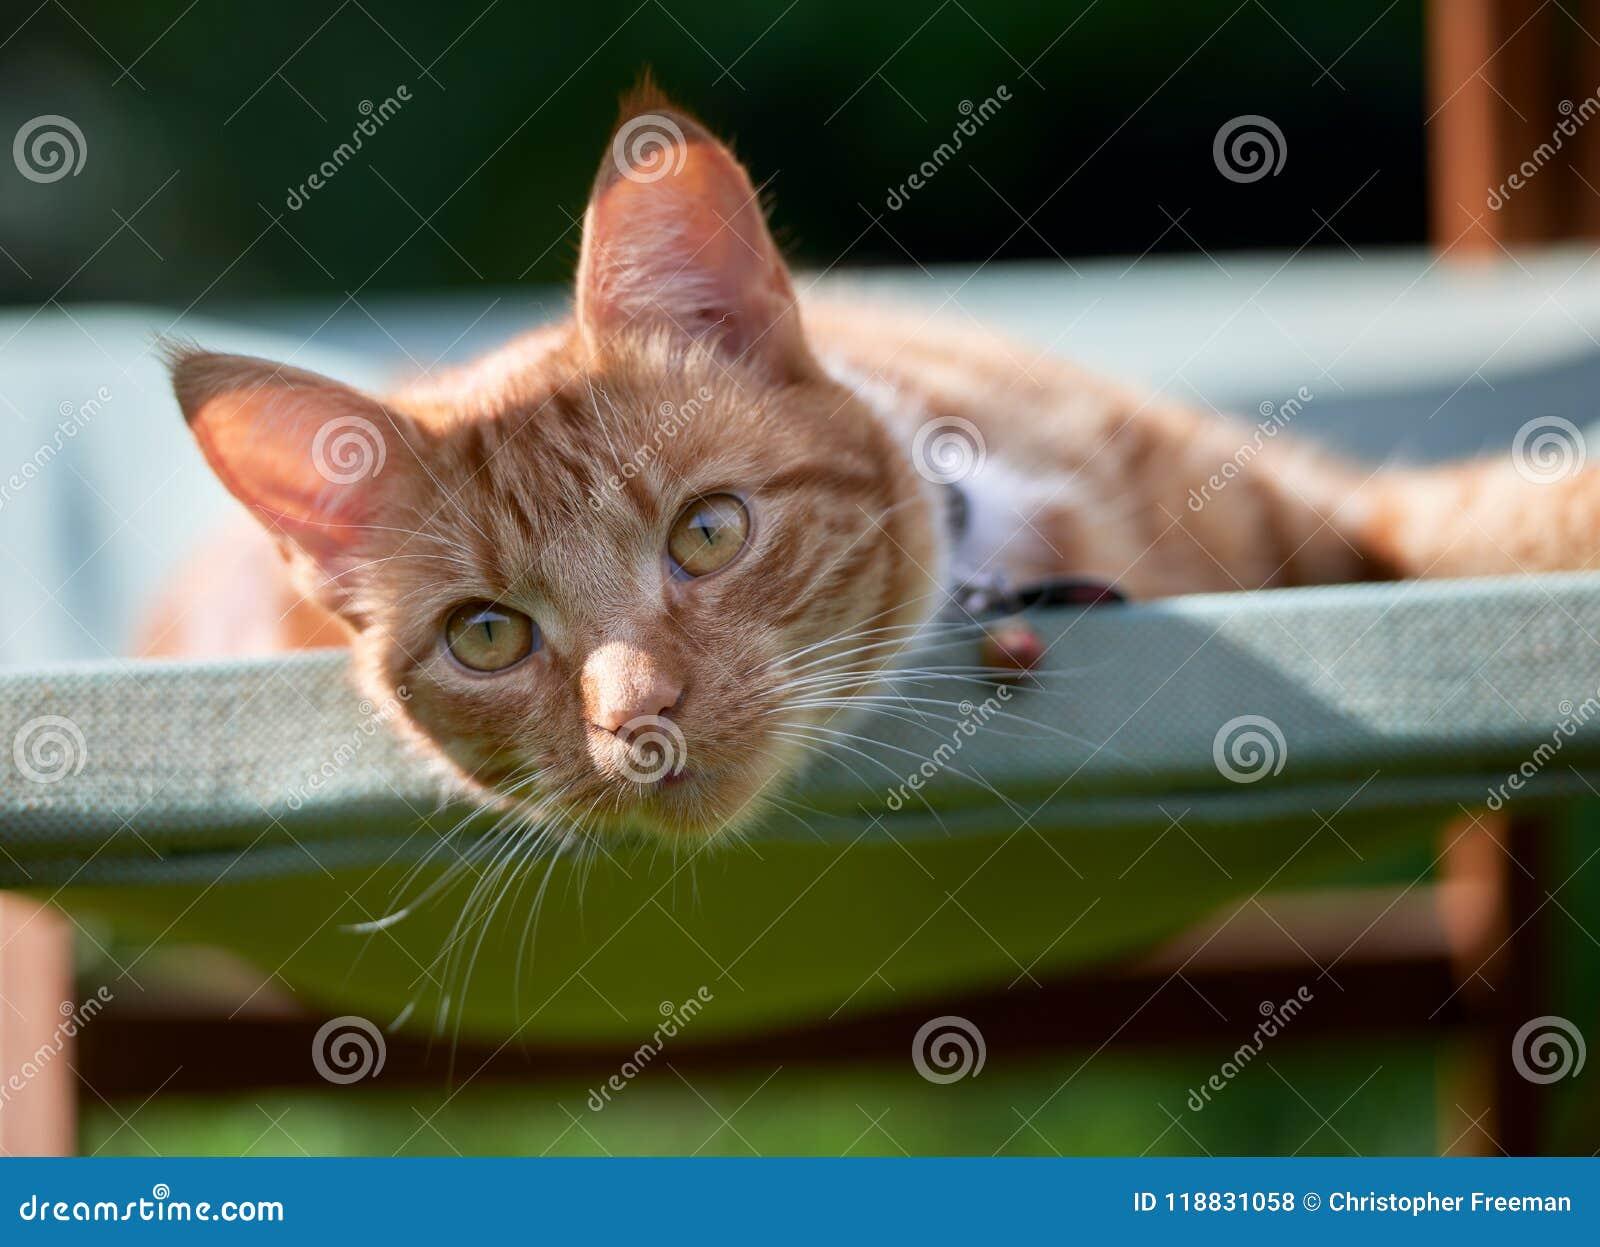 Gato de gato atigrado rojo del jengibre joven hermoso que pone en una silla de jardín verde que parece relajada